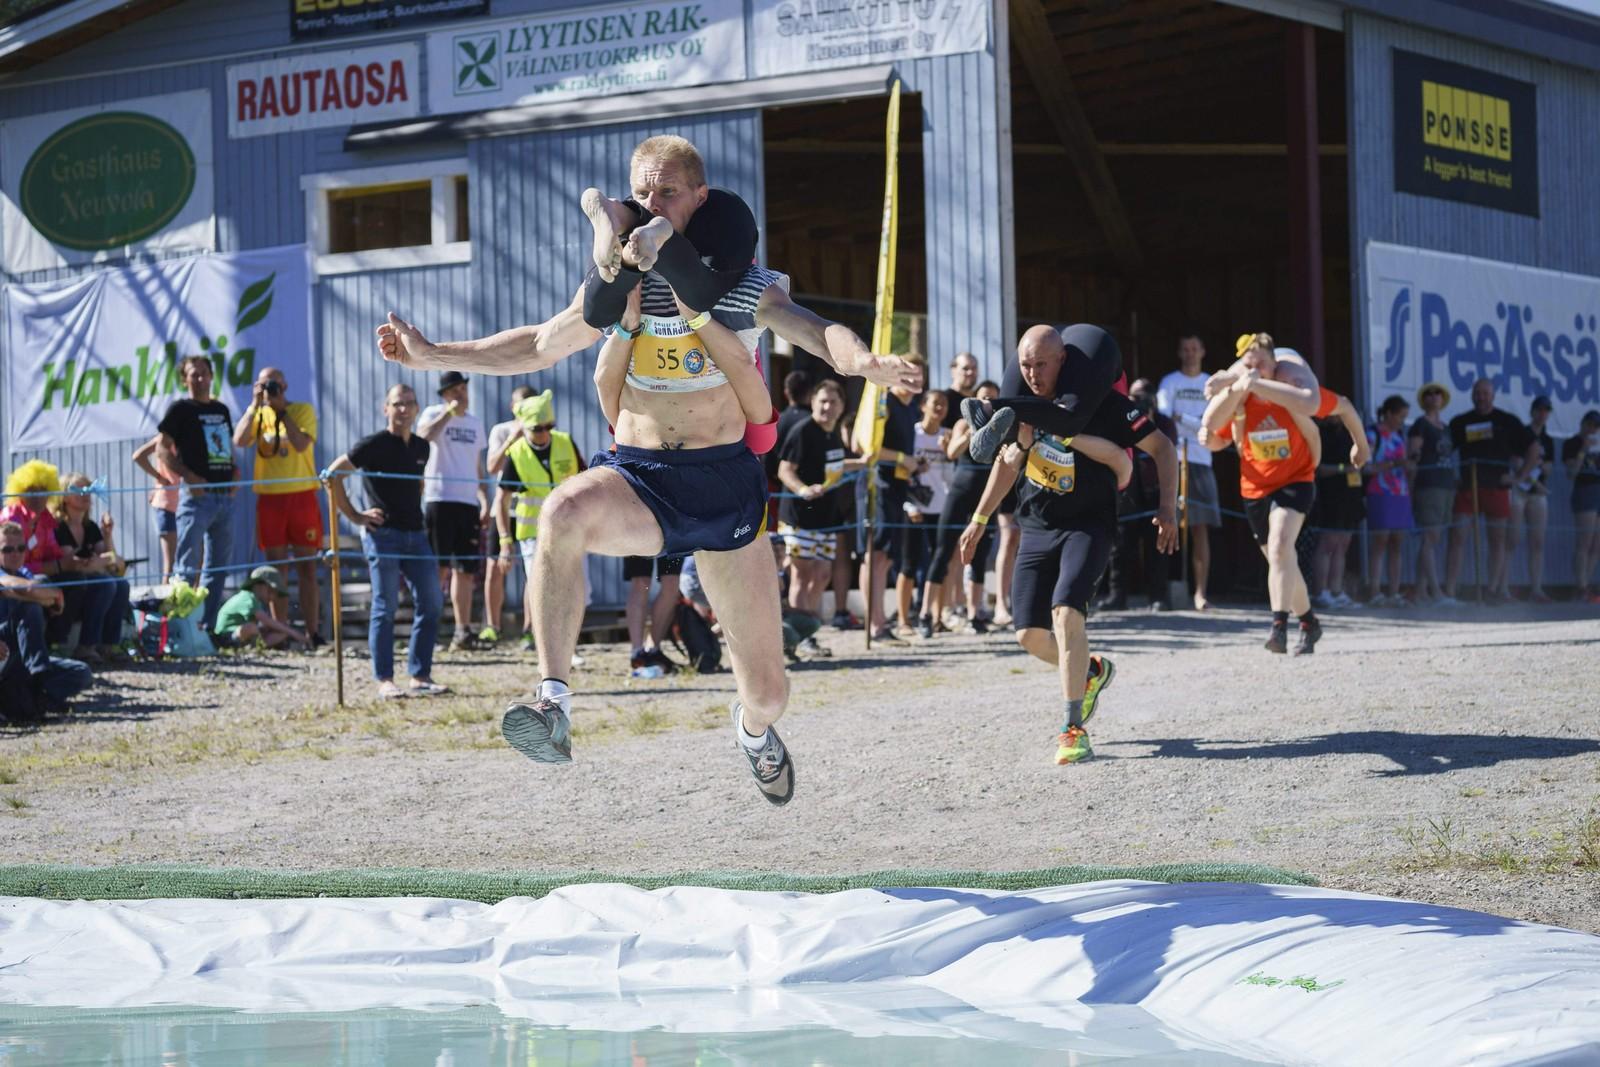 VM i konebæring ble arrangert i Finland forrige helg. Her ser vi det lokale vinnerparet Taisto Miettinen og Kristiina Haapanen i farta.